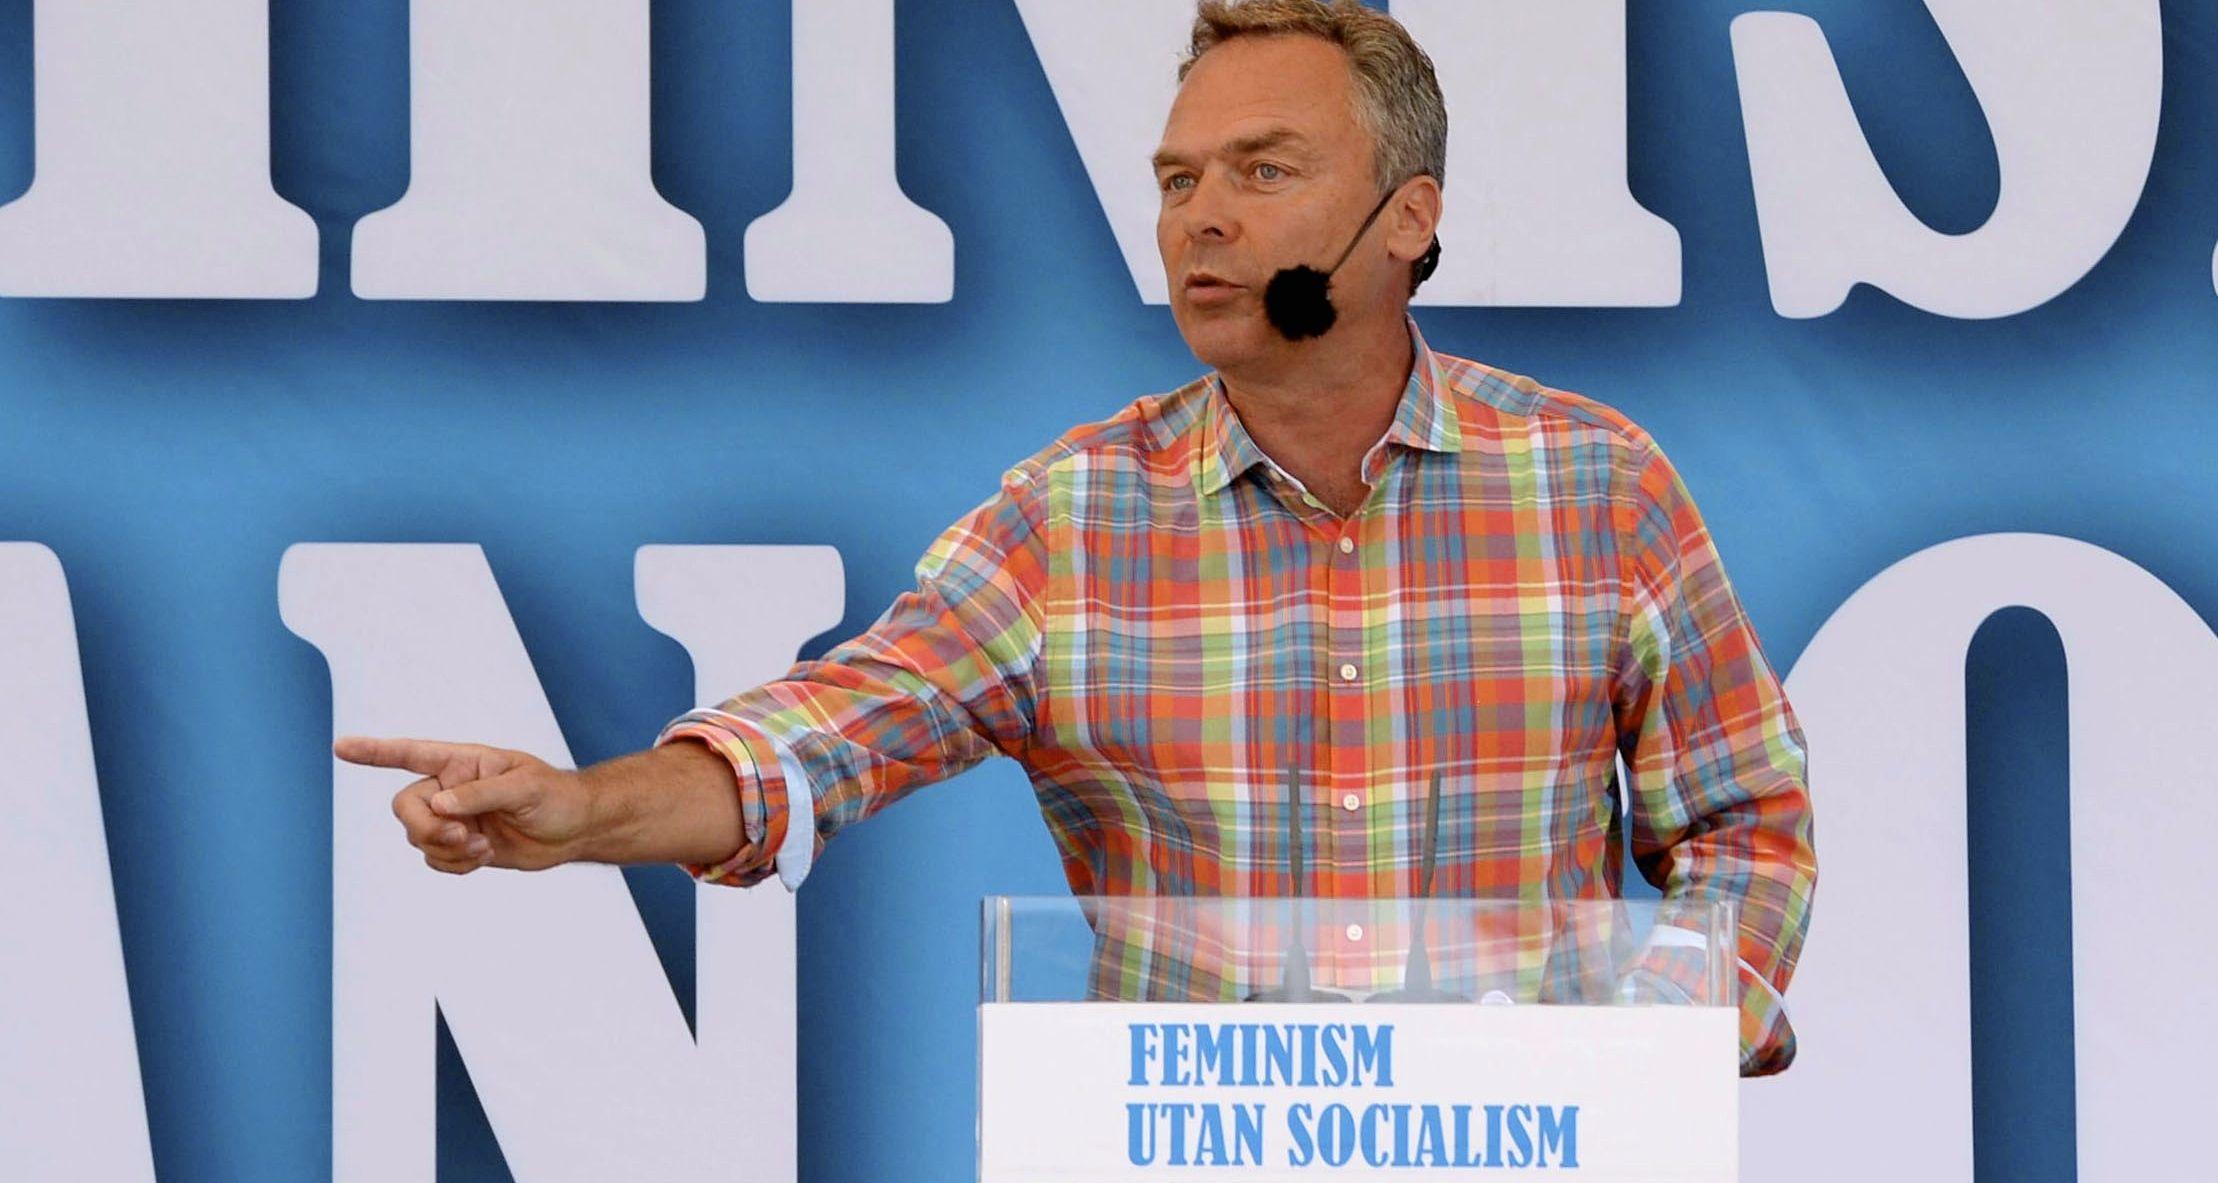 Folkpartiets ledare Jan Björklund pratade om politik i Almedalen. Foto: Janerik Henriksson /TT